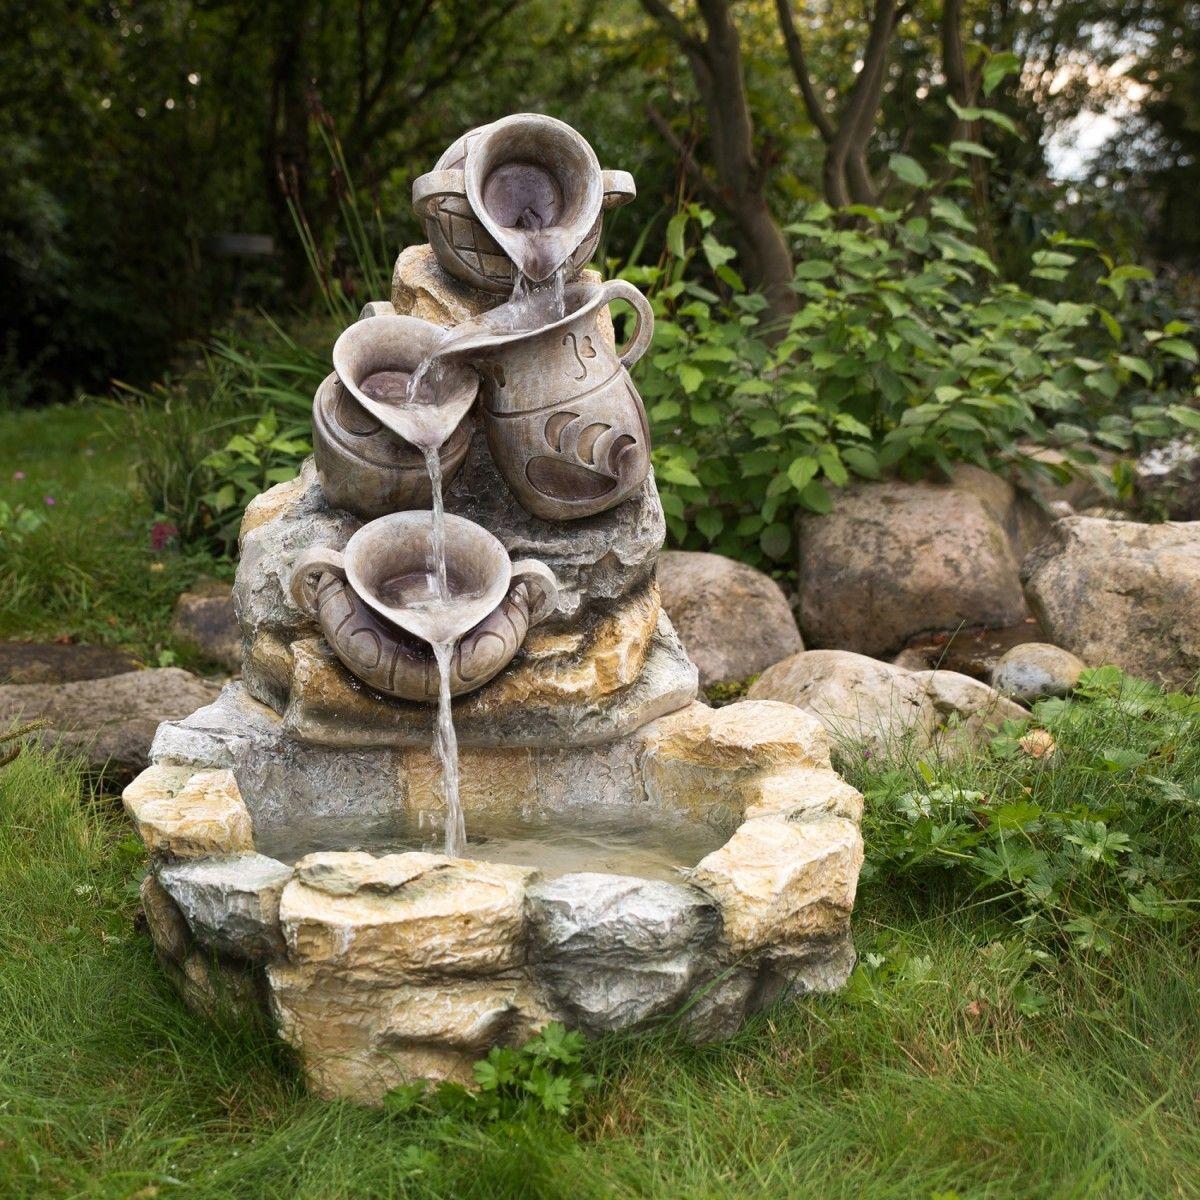 Stilista Gartenbrunnen Zierbrunnen Kruge 70 X 83 X 75 Cm Springbrunnen Garten Gartenbrunnen Brunnen Garten